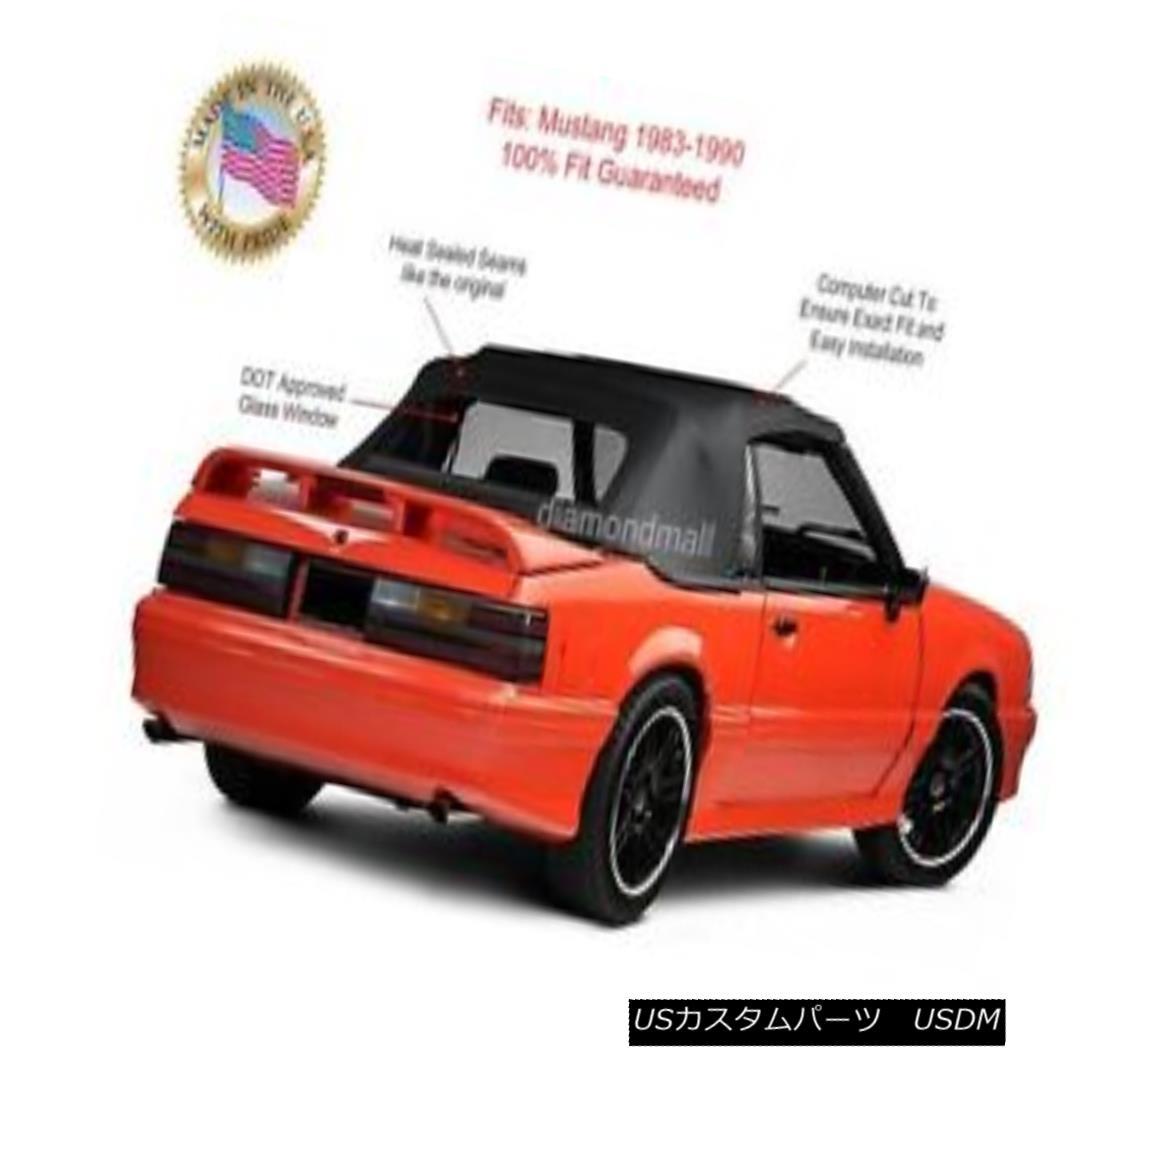 幌・ソフトトップ Ford Mustang Convertible Soft Top Replacement & Glass window BLACK Vinyl 1983-90 フォードマスタングコンバーチブルソフトトップ交換& ガラスの窓BLACK Vinyl 1983-90